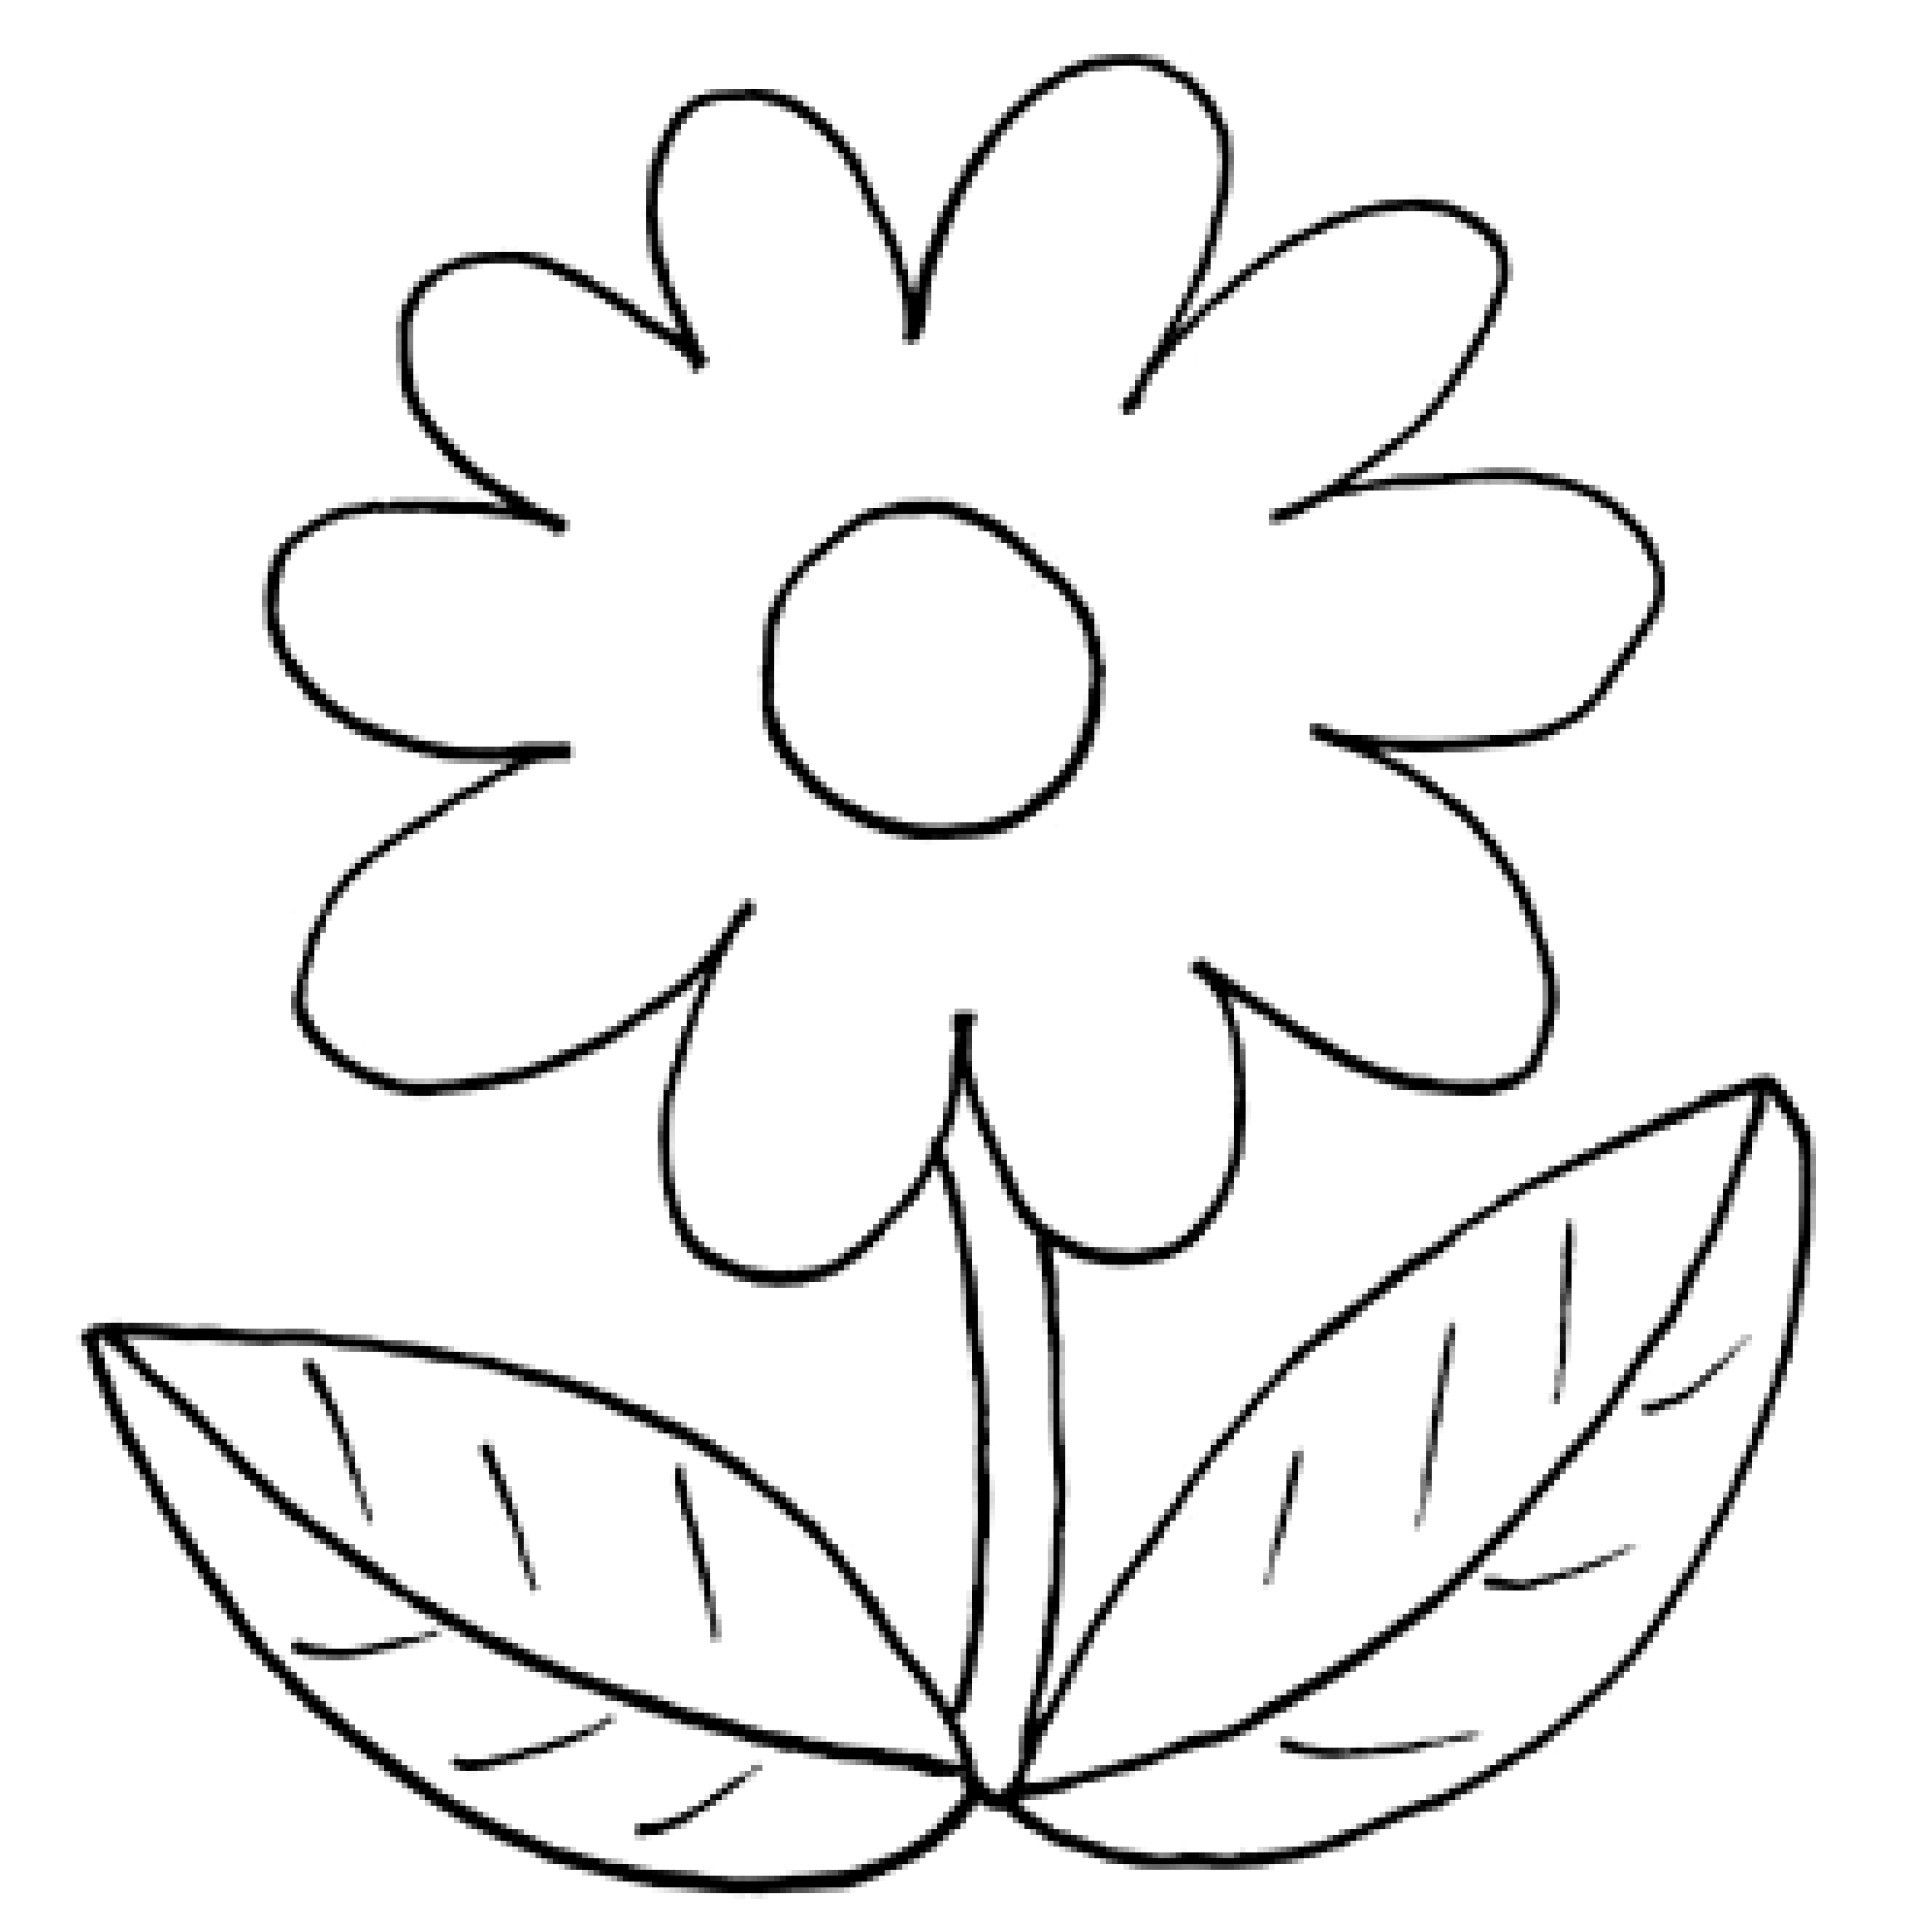 Ausmalbilder Fruehling In 2021 Blumen Ausmalbilder Blumen Ausmalen Ausmalbilder Fruhling